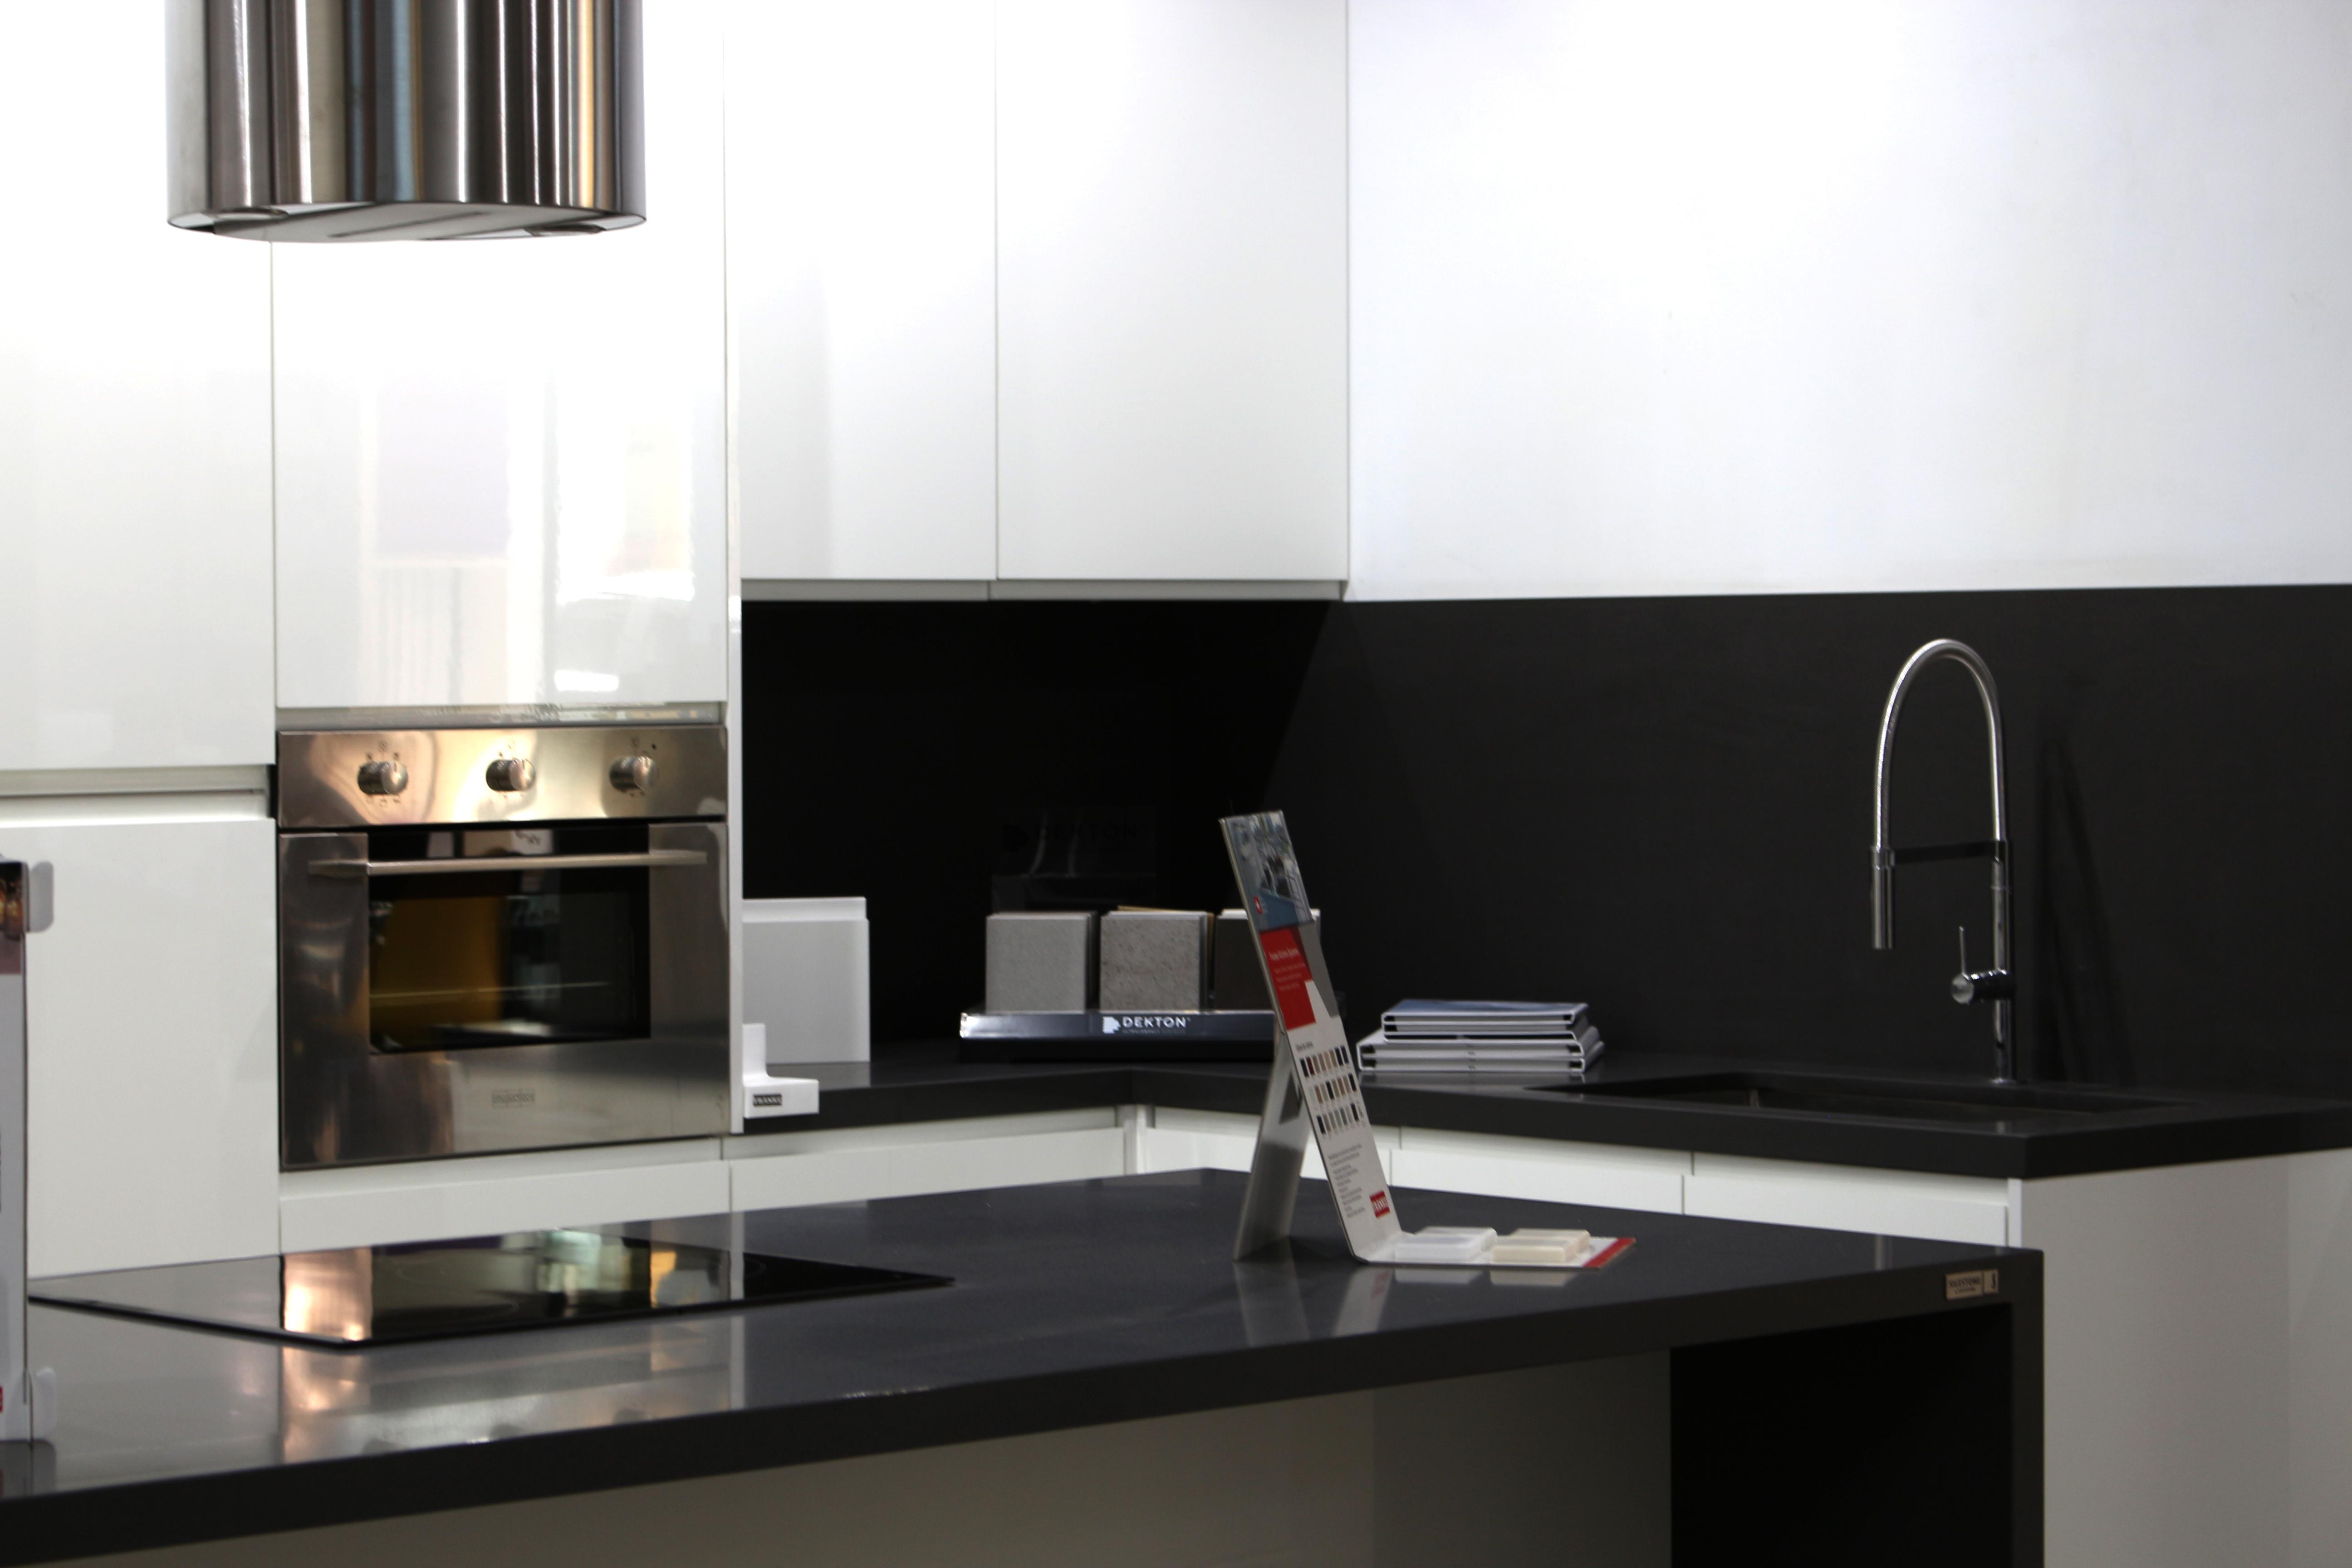 Cocinas en Tenerife - Dinna · Electrodomésticos · Encimeras